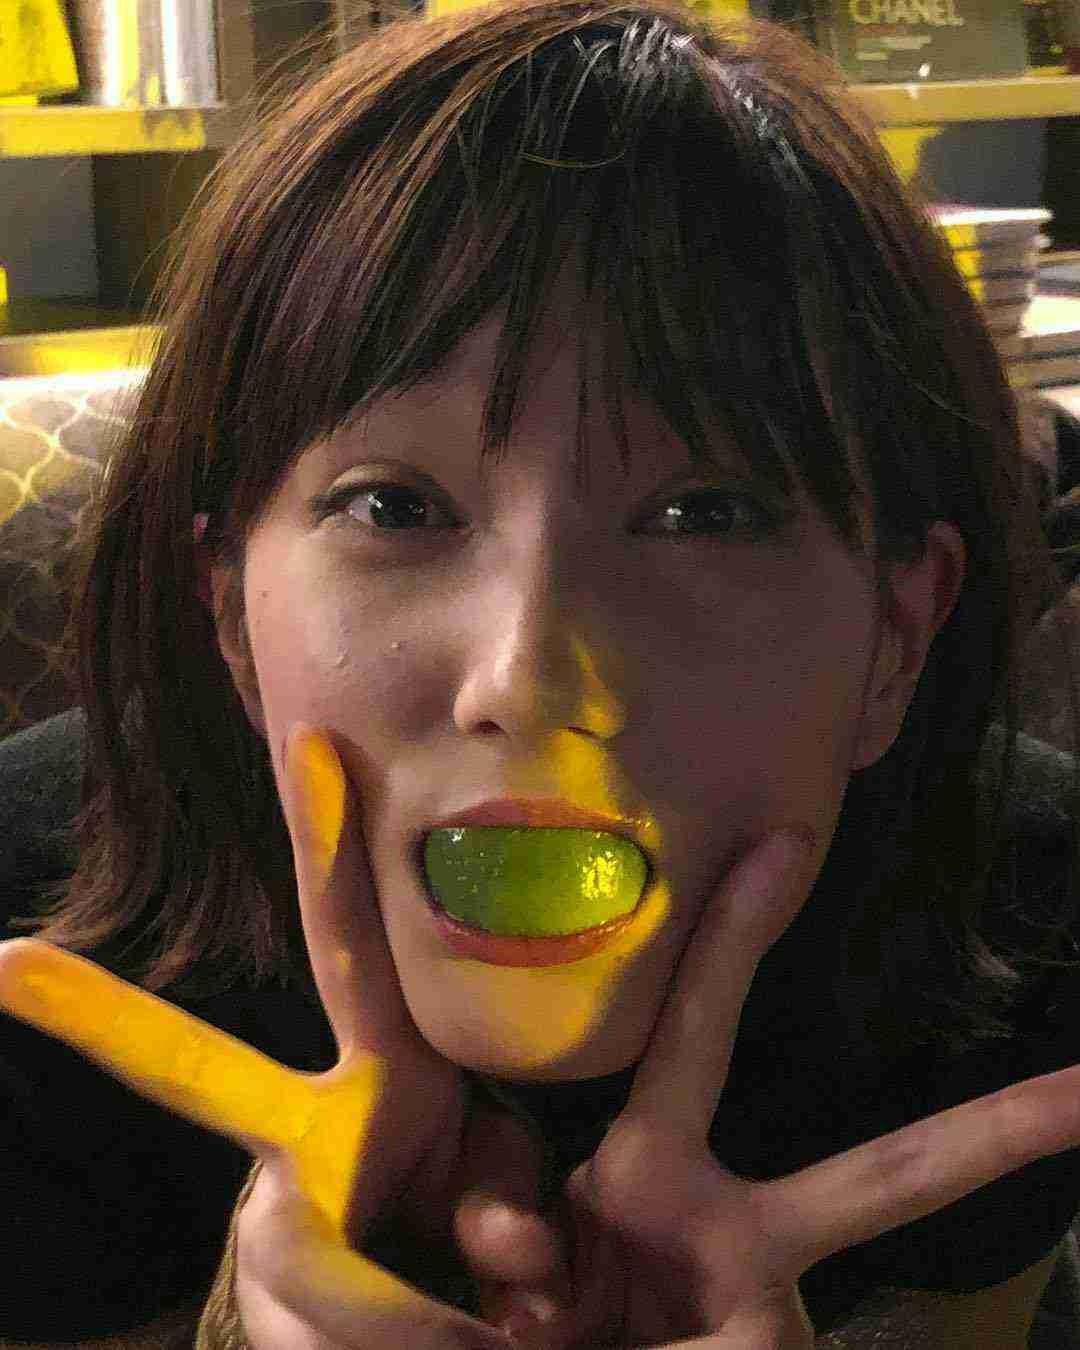 口からミカン? 本田翼&イケメン外国人の超親密2ショットにファンが発狂寸前